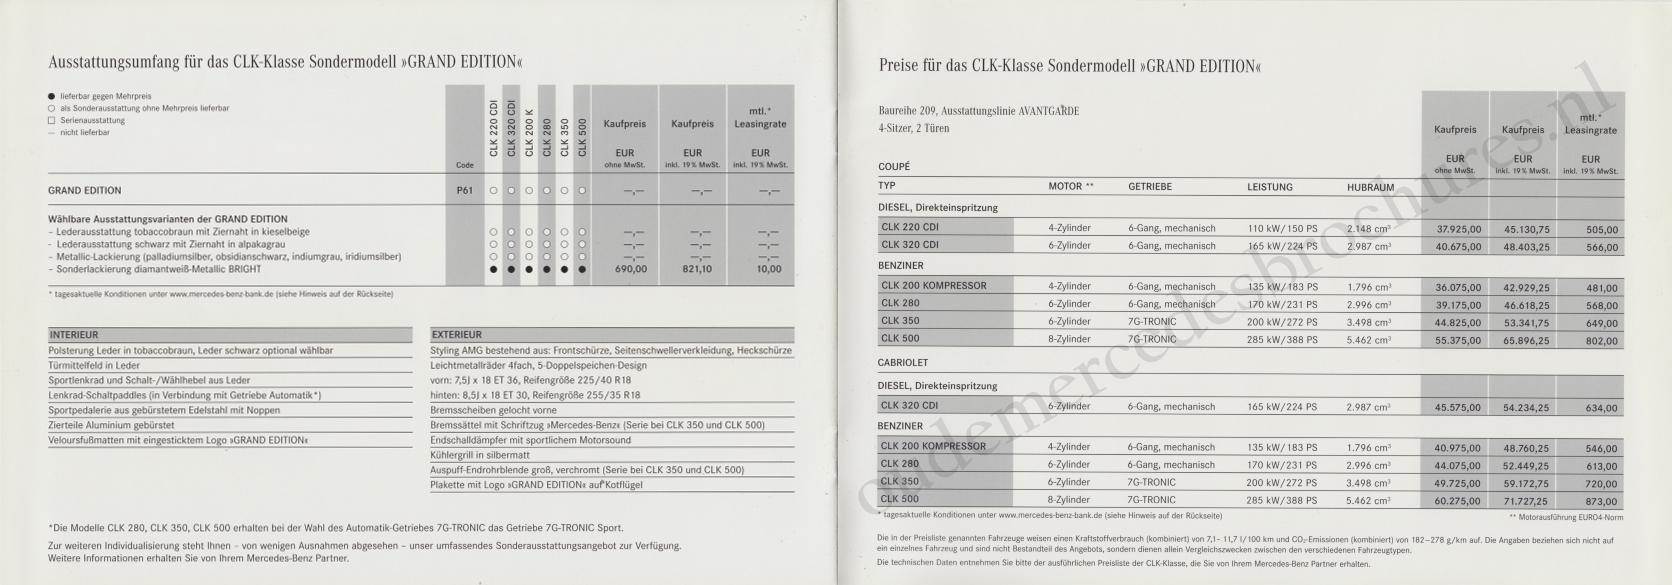 (A/C209): Catálogo 2008 - Grand Edition - alemão 008